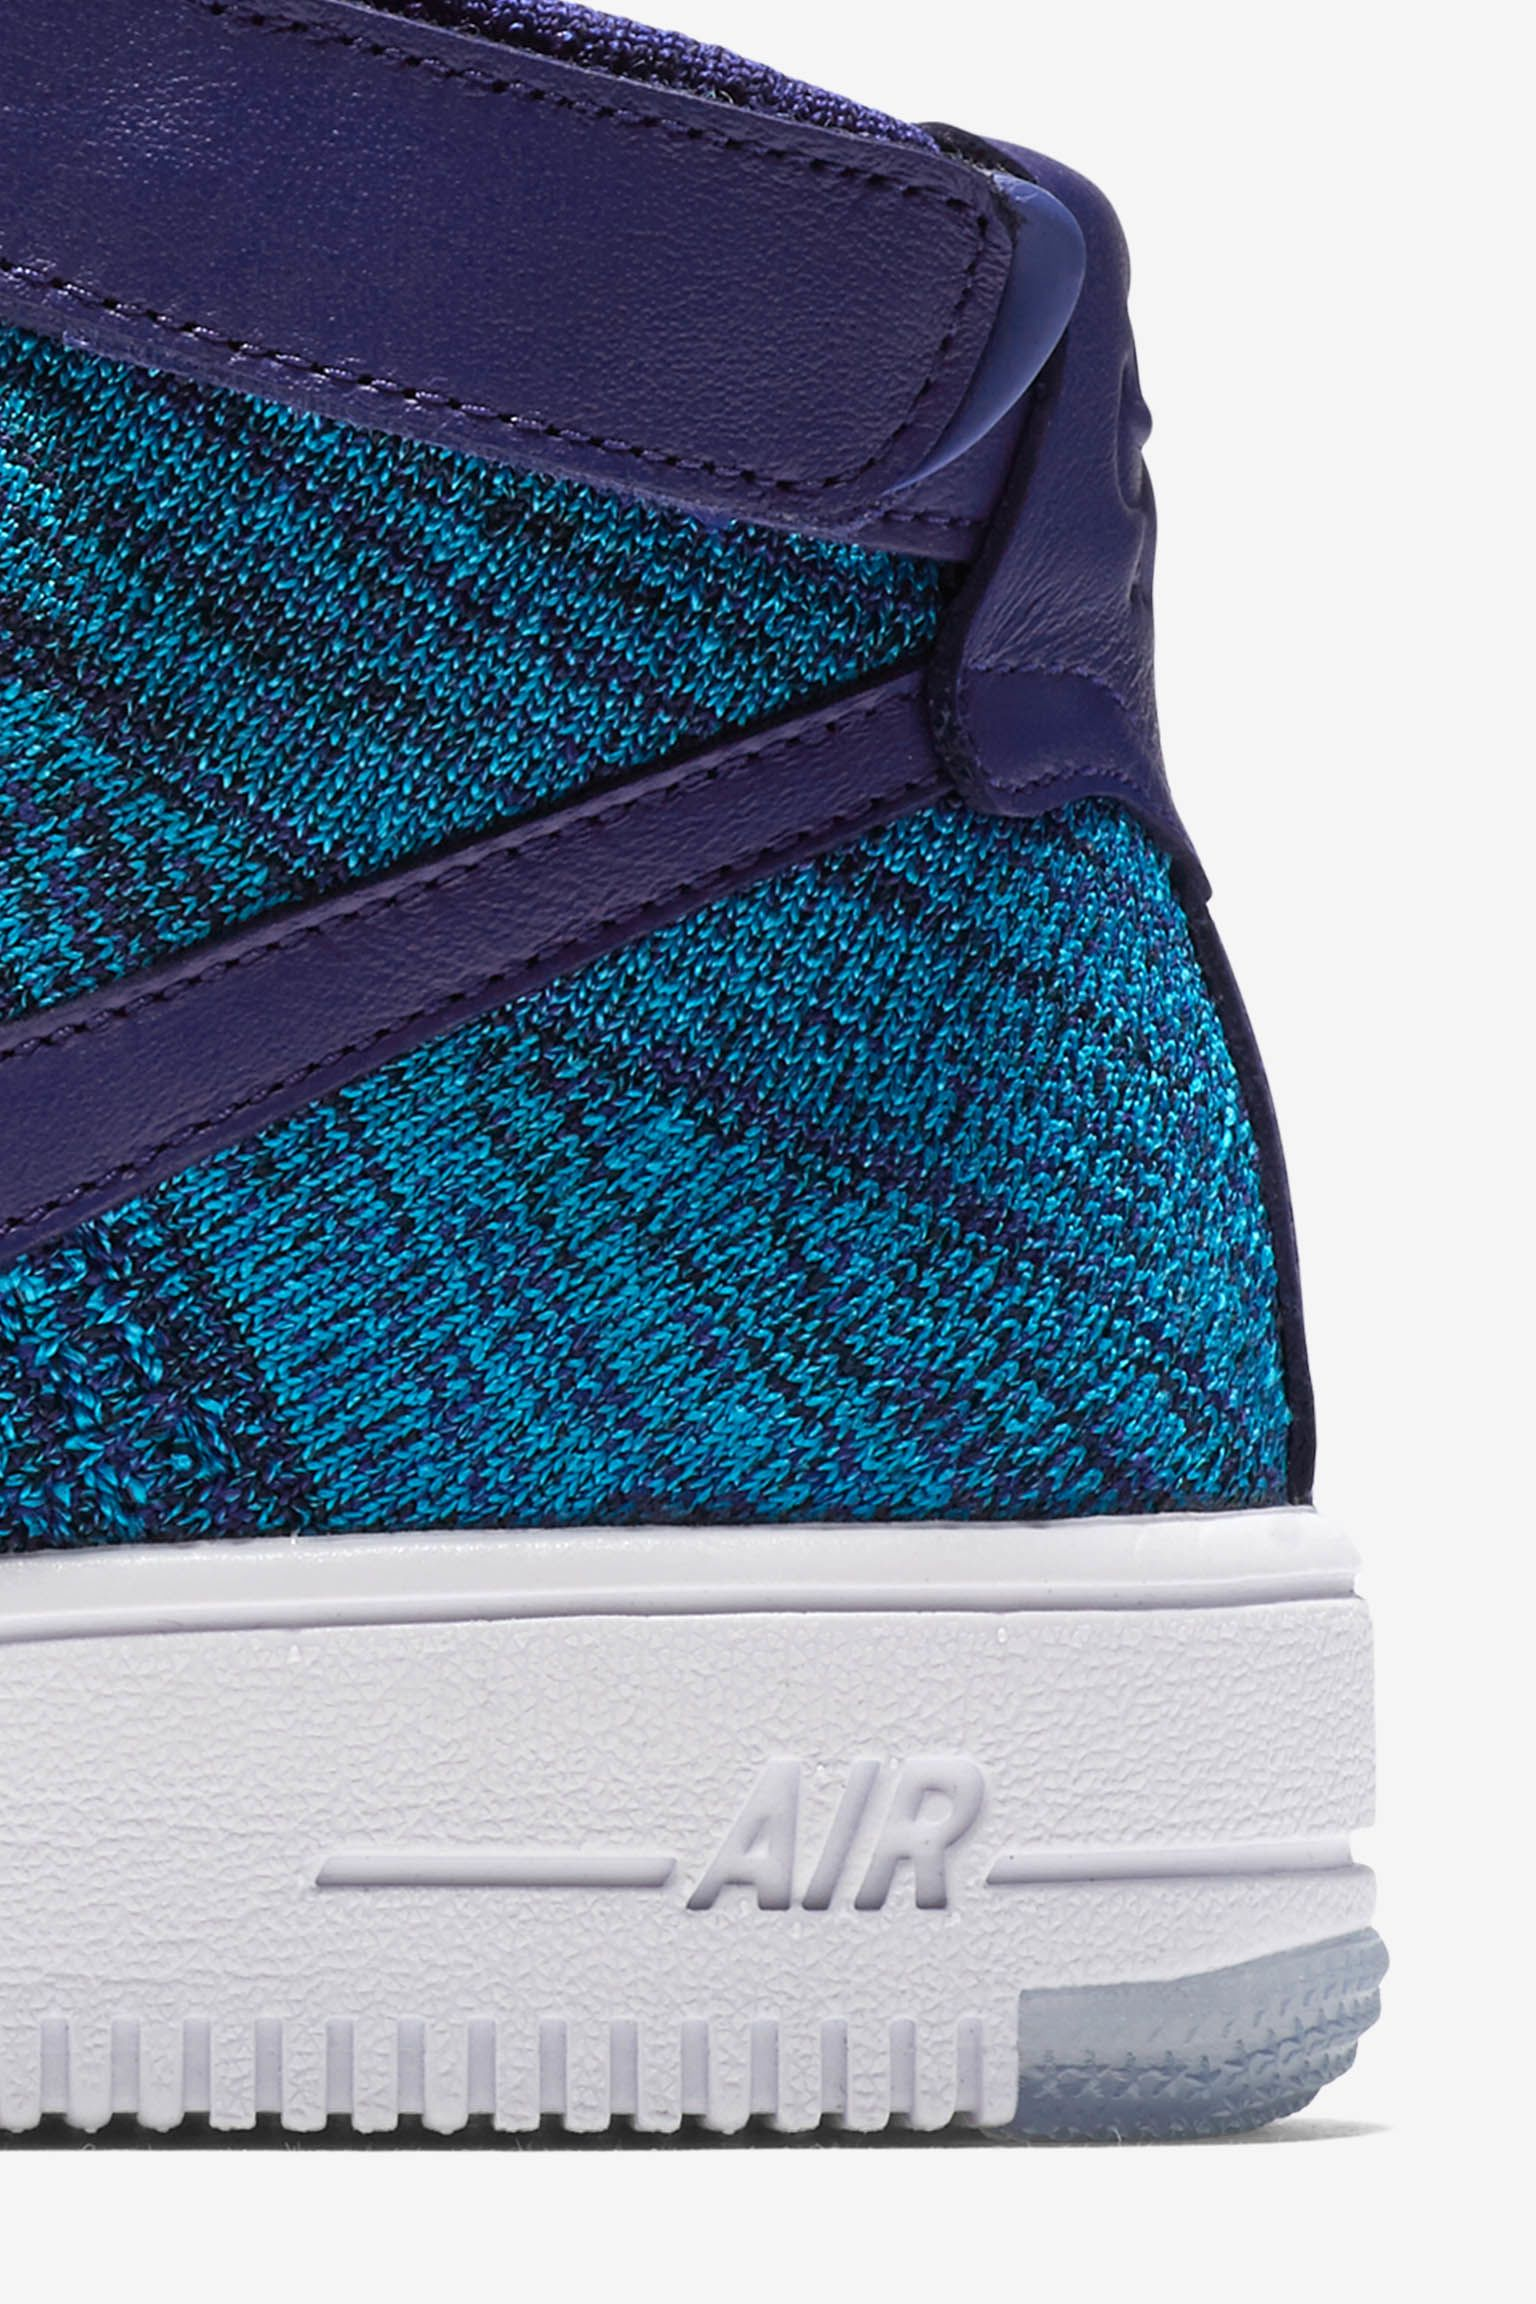 Women's Nike Air Force 1 Ultra Flyknit 'Blue Lagoon' Release Date